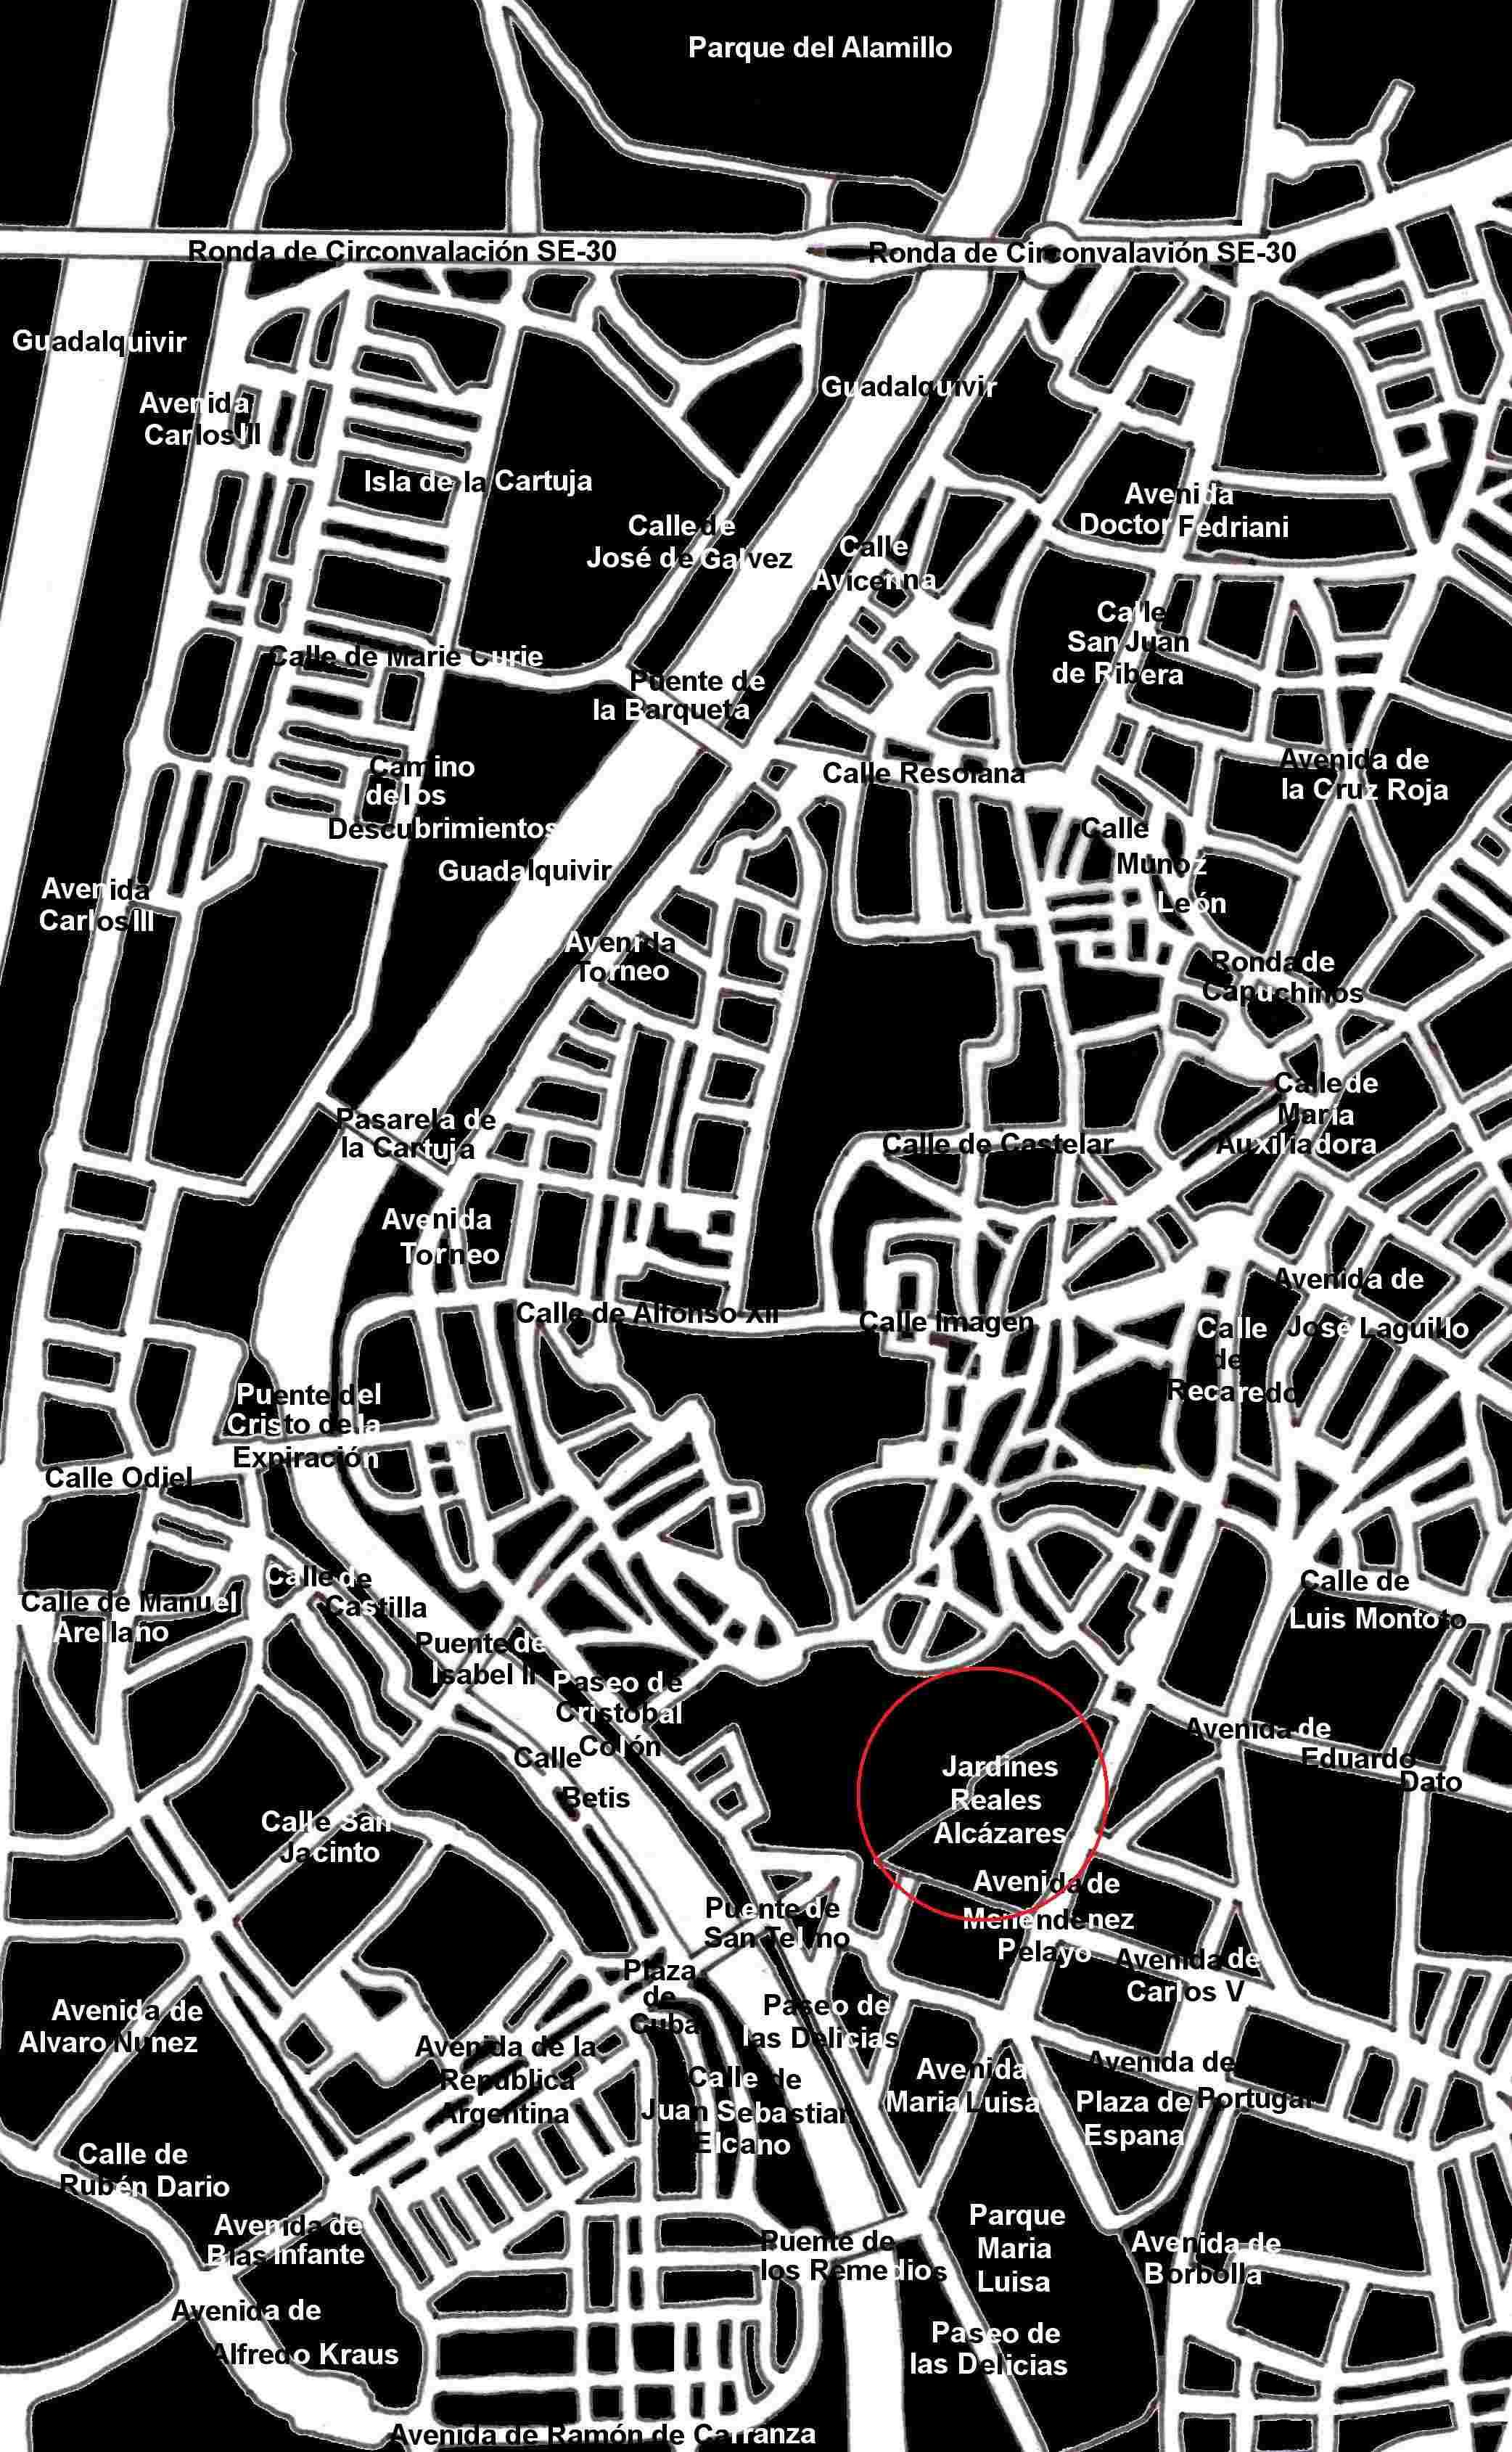 Stadtplan Sevilla Jardines del Alcazar